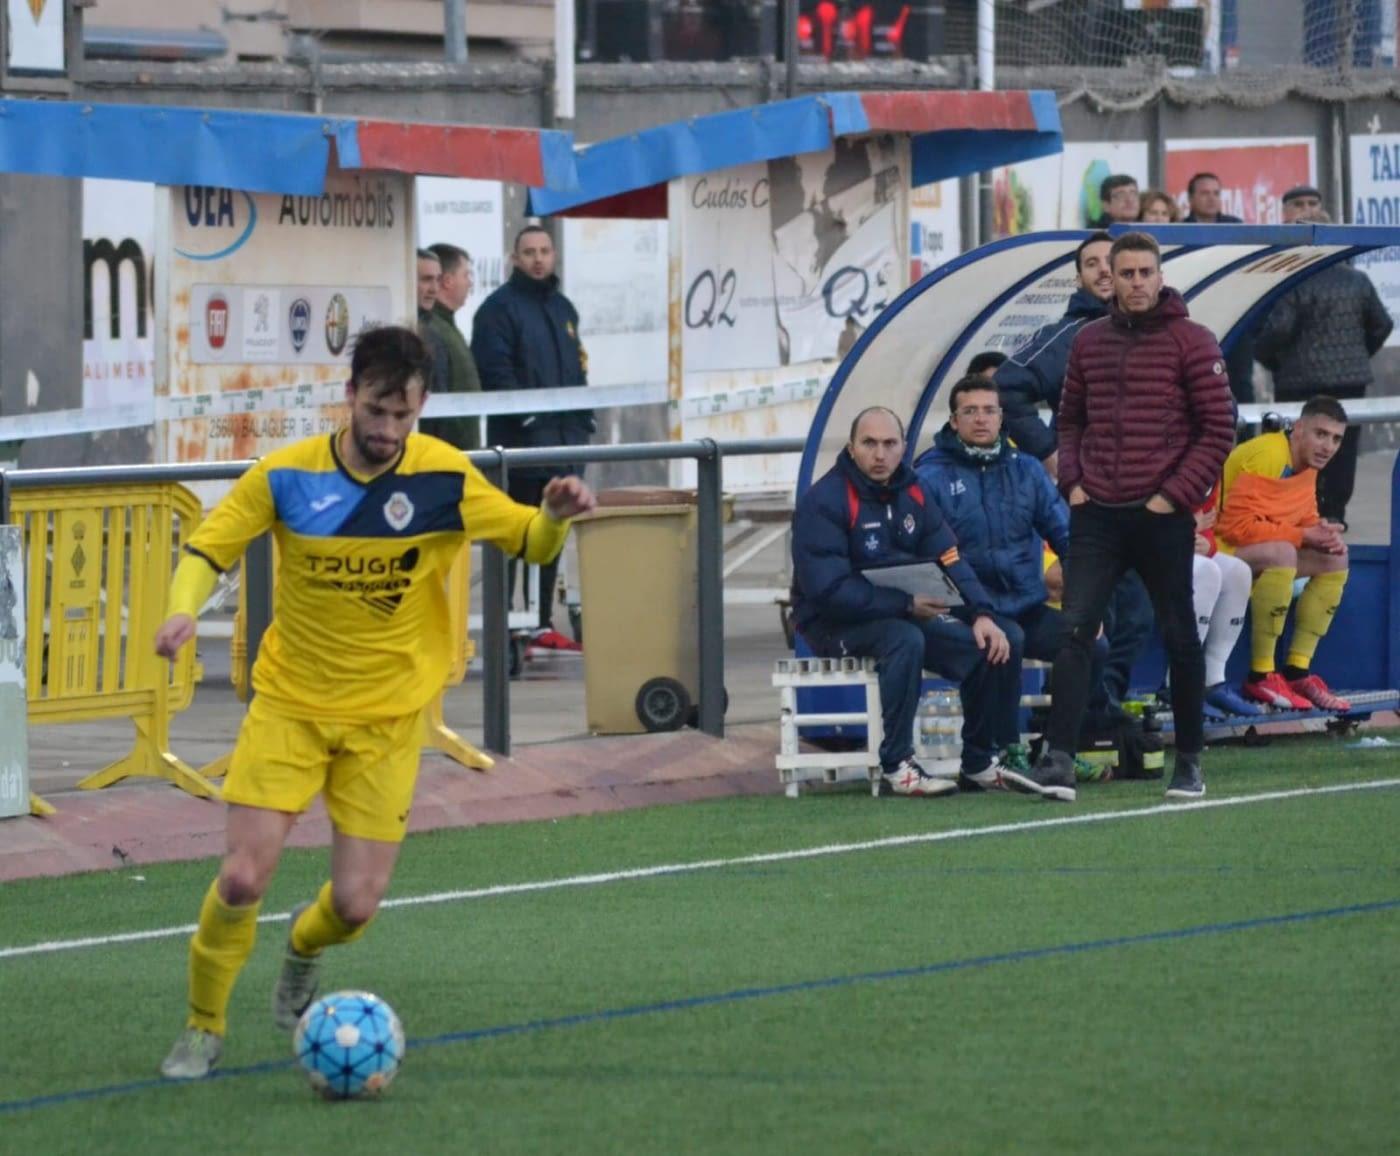 Crònica - Jornada 18 Primera Catalana: CF Balaguer 0-2  UE Tàrrega